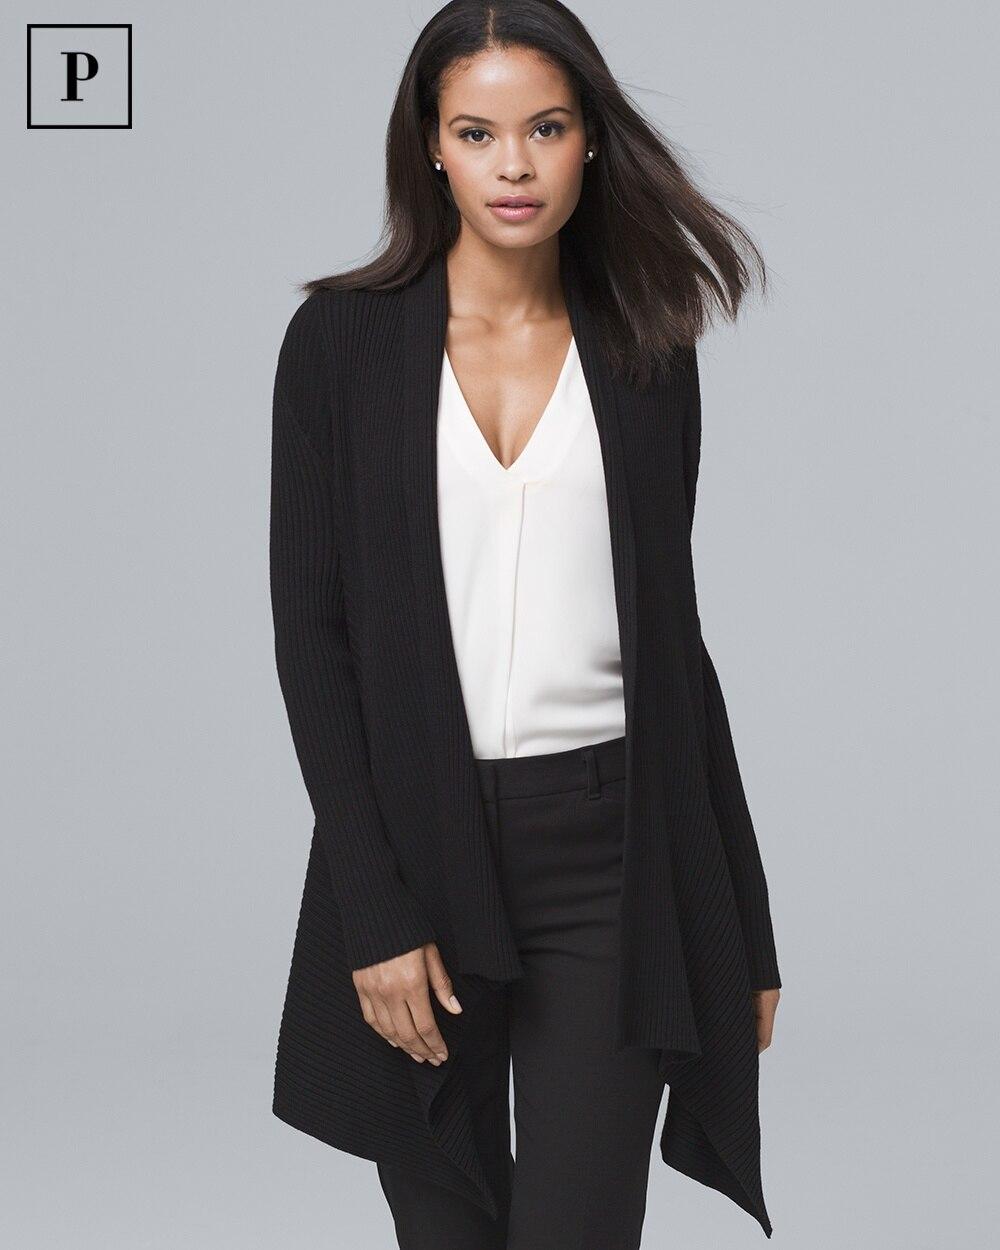 f967d6de9eebf Shop Petite Sweaters For Women - Cardigans